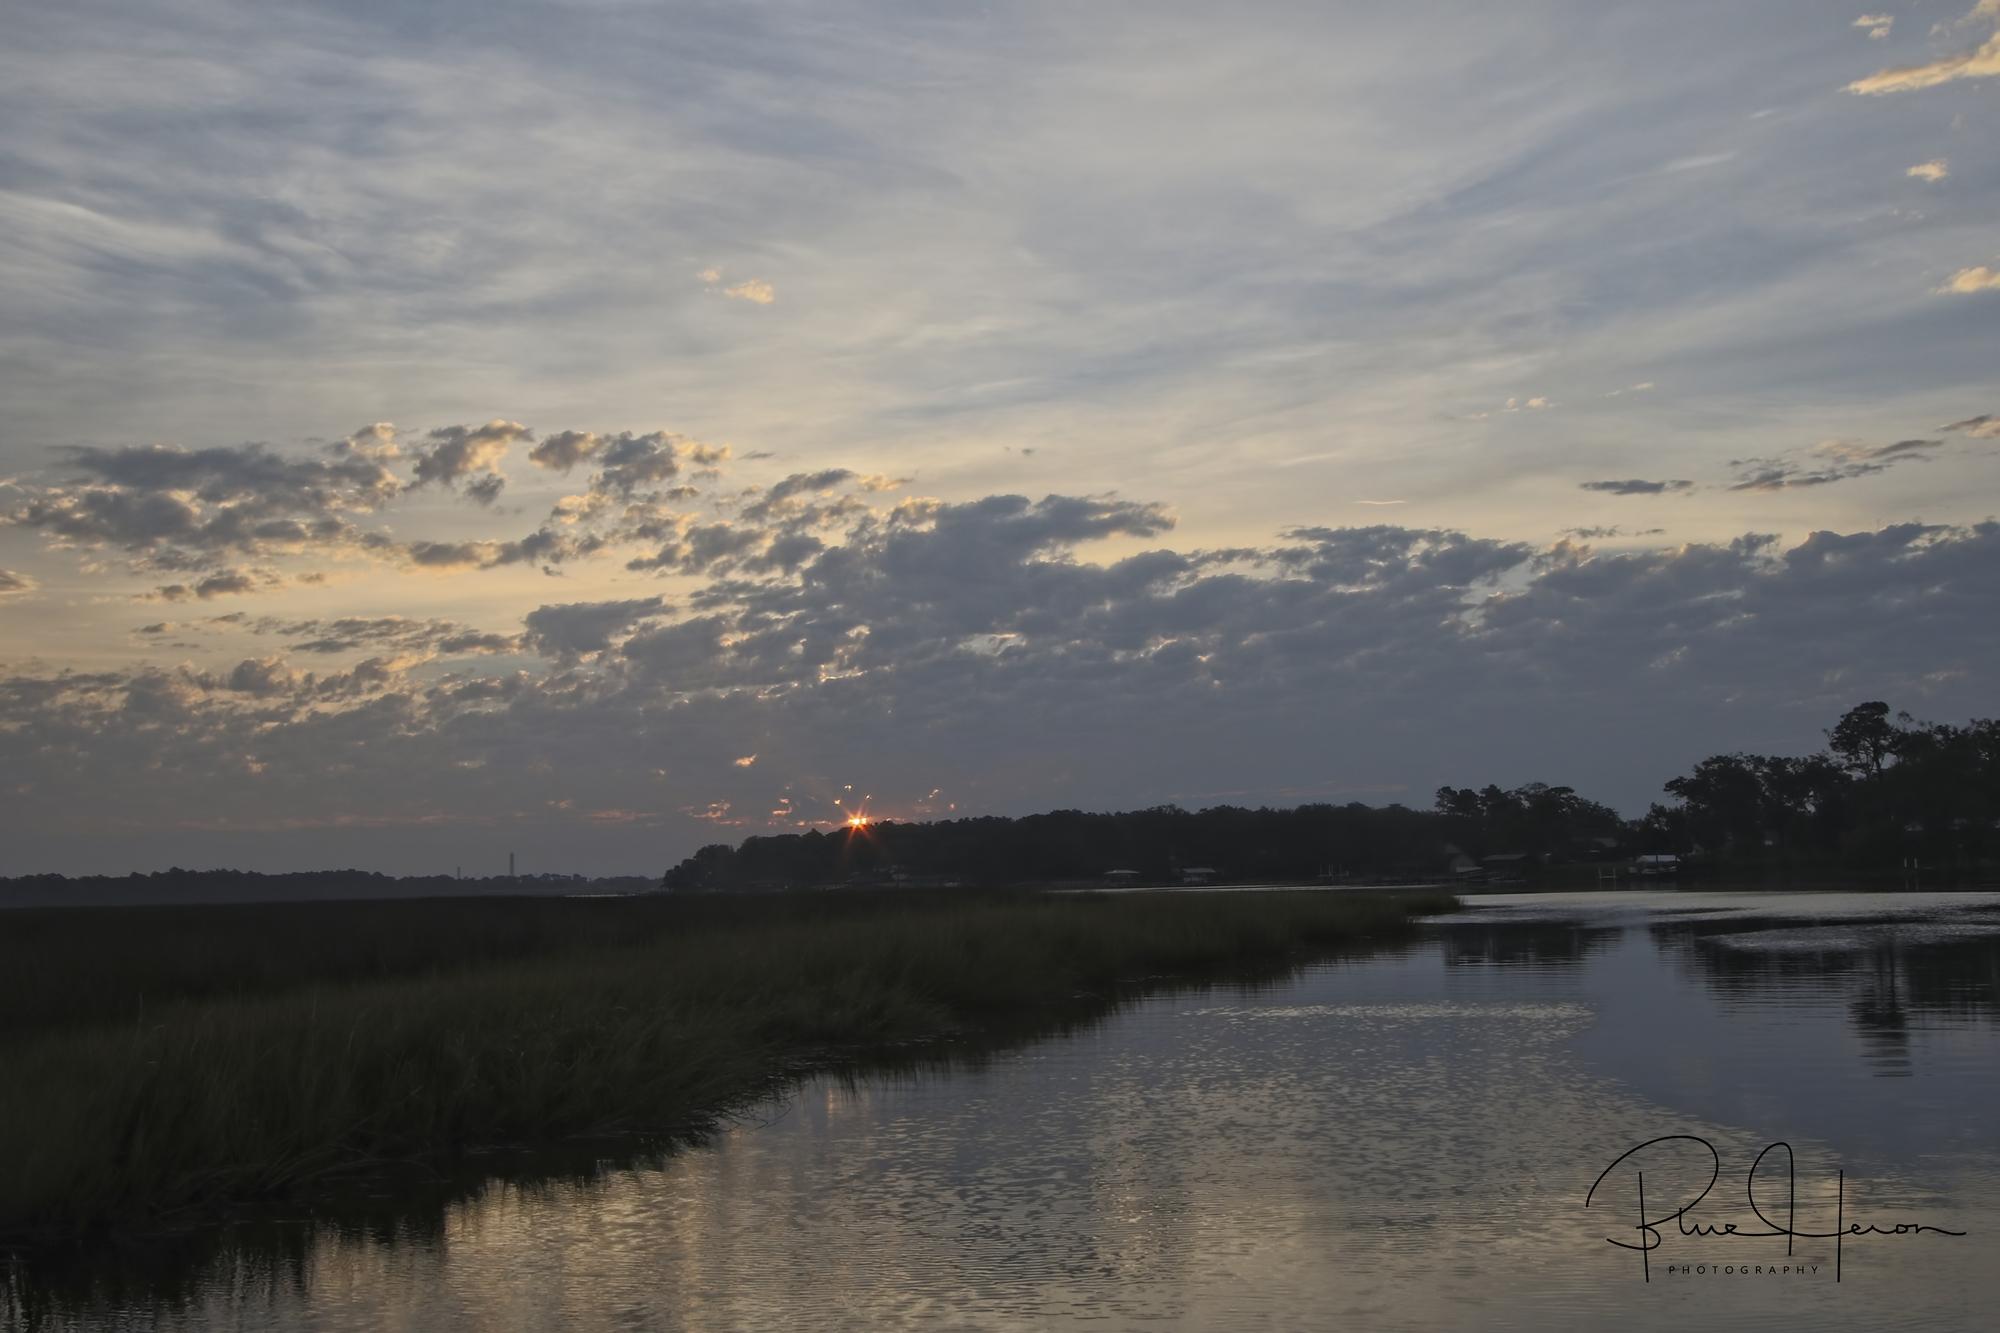 Gray December skies greet me on the pier as dawn breaks on the Broward